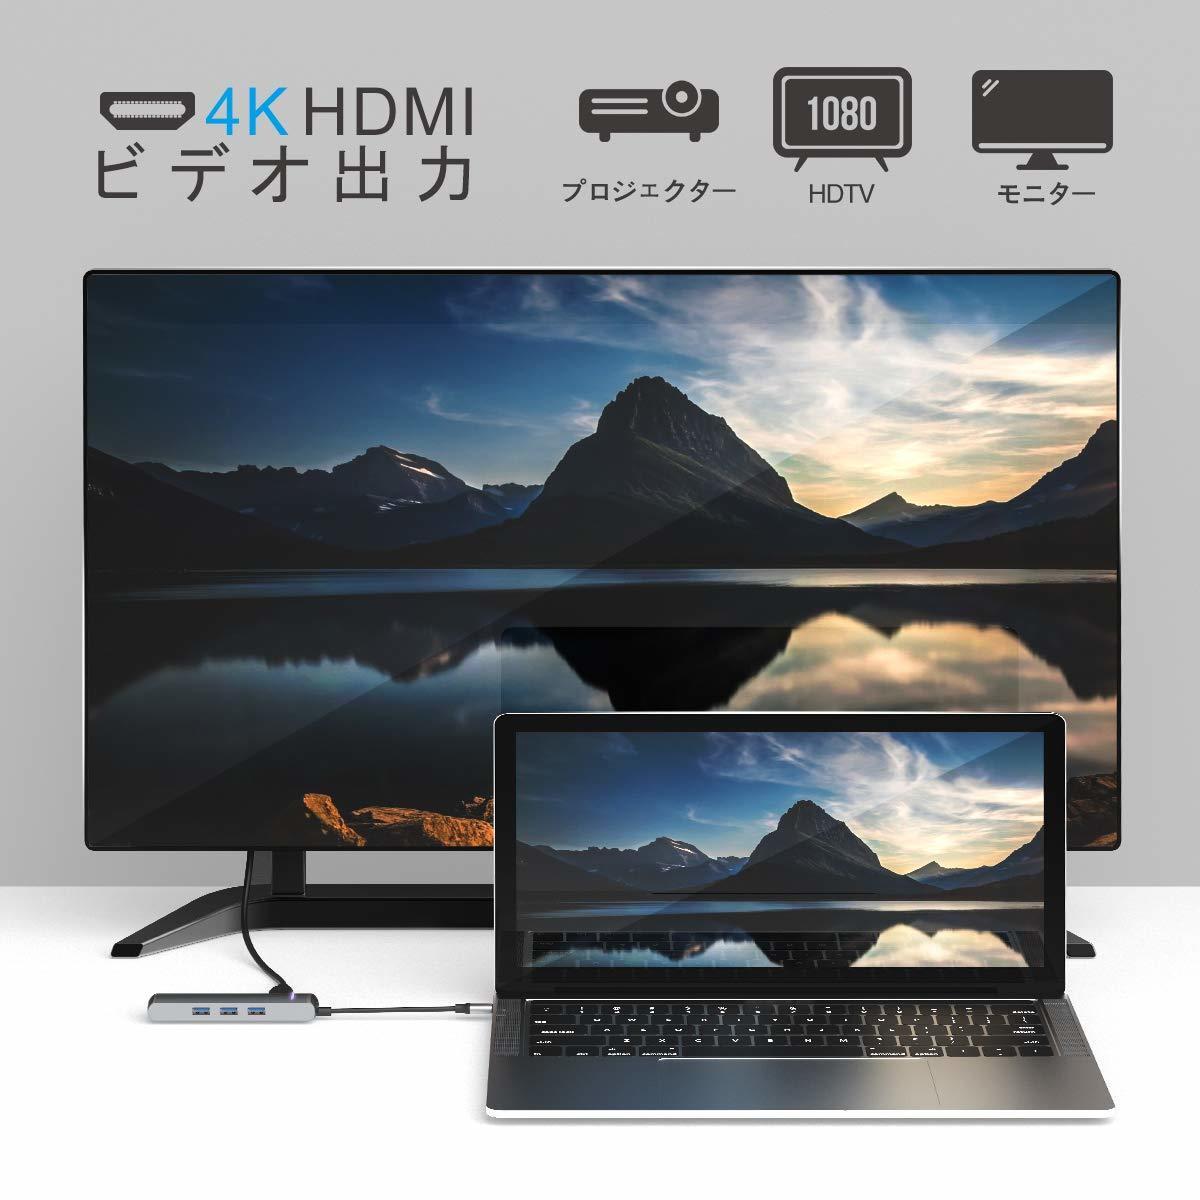 USB C ハブ Type C ハブ iTeknic USB ハブ USB 3.0ポート*3 PD充電 HDMI 4Kビデオ LANポート USBハブ 6ポート 高速データ転送 アルミニウム_画像6